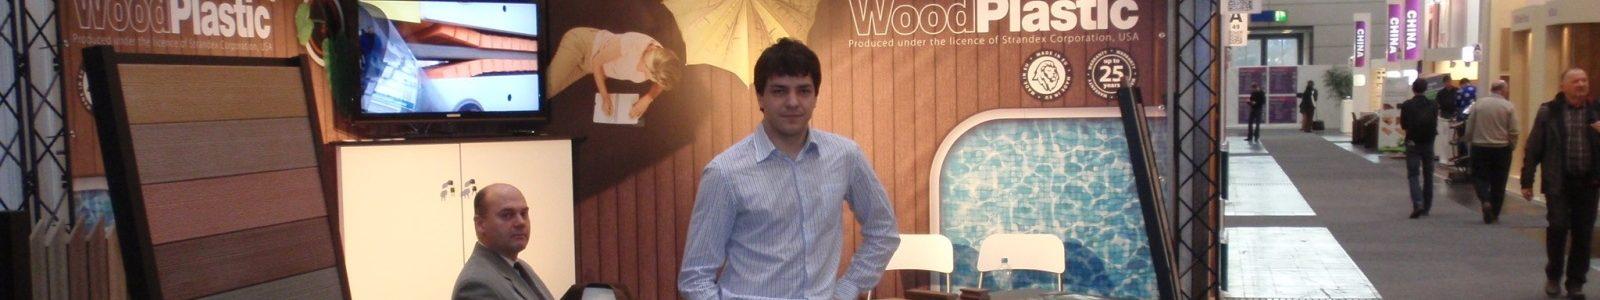 WoodPlastic® terasy veletrh Domotex